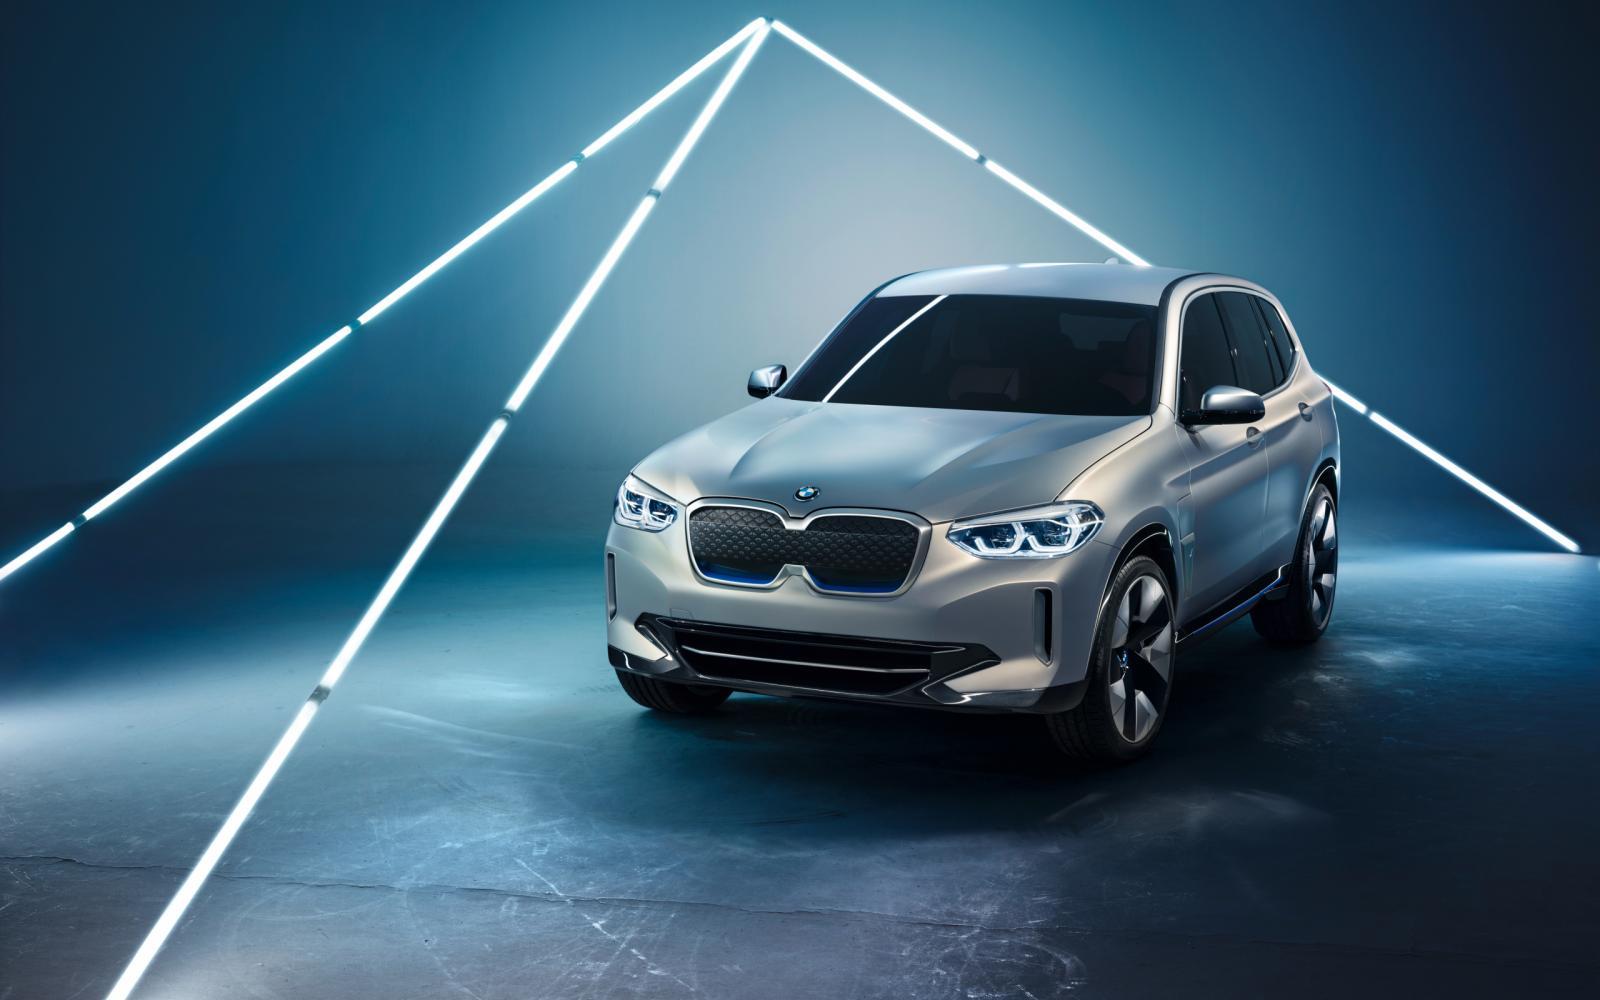 Elektrische BMW iX3 krijgt actieradius van 440 kilometer